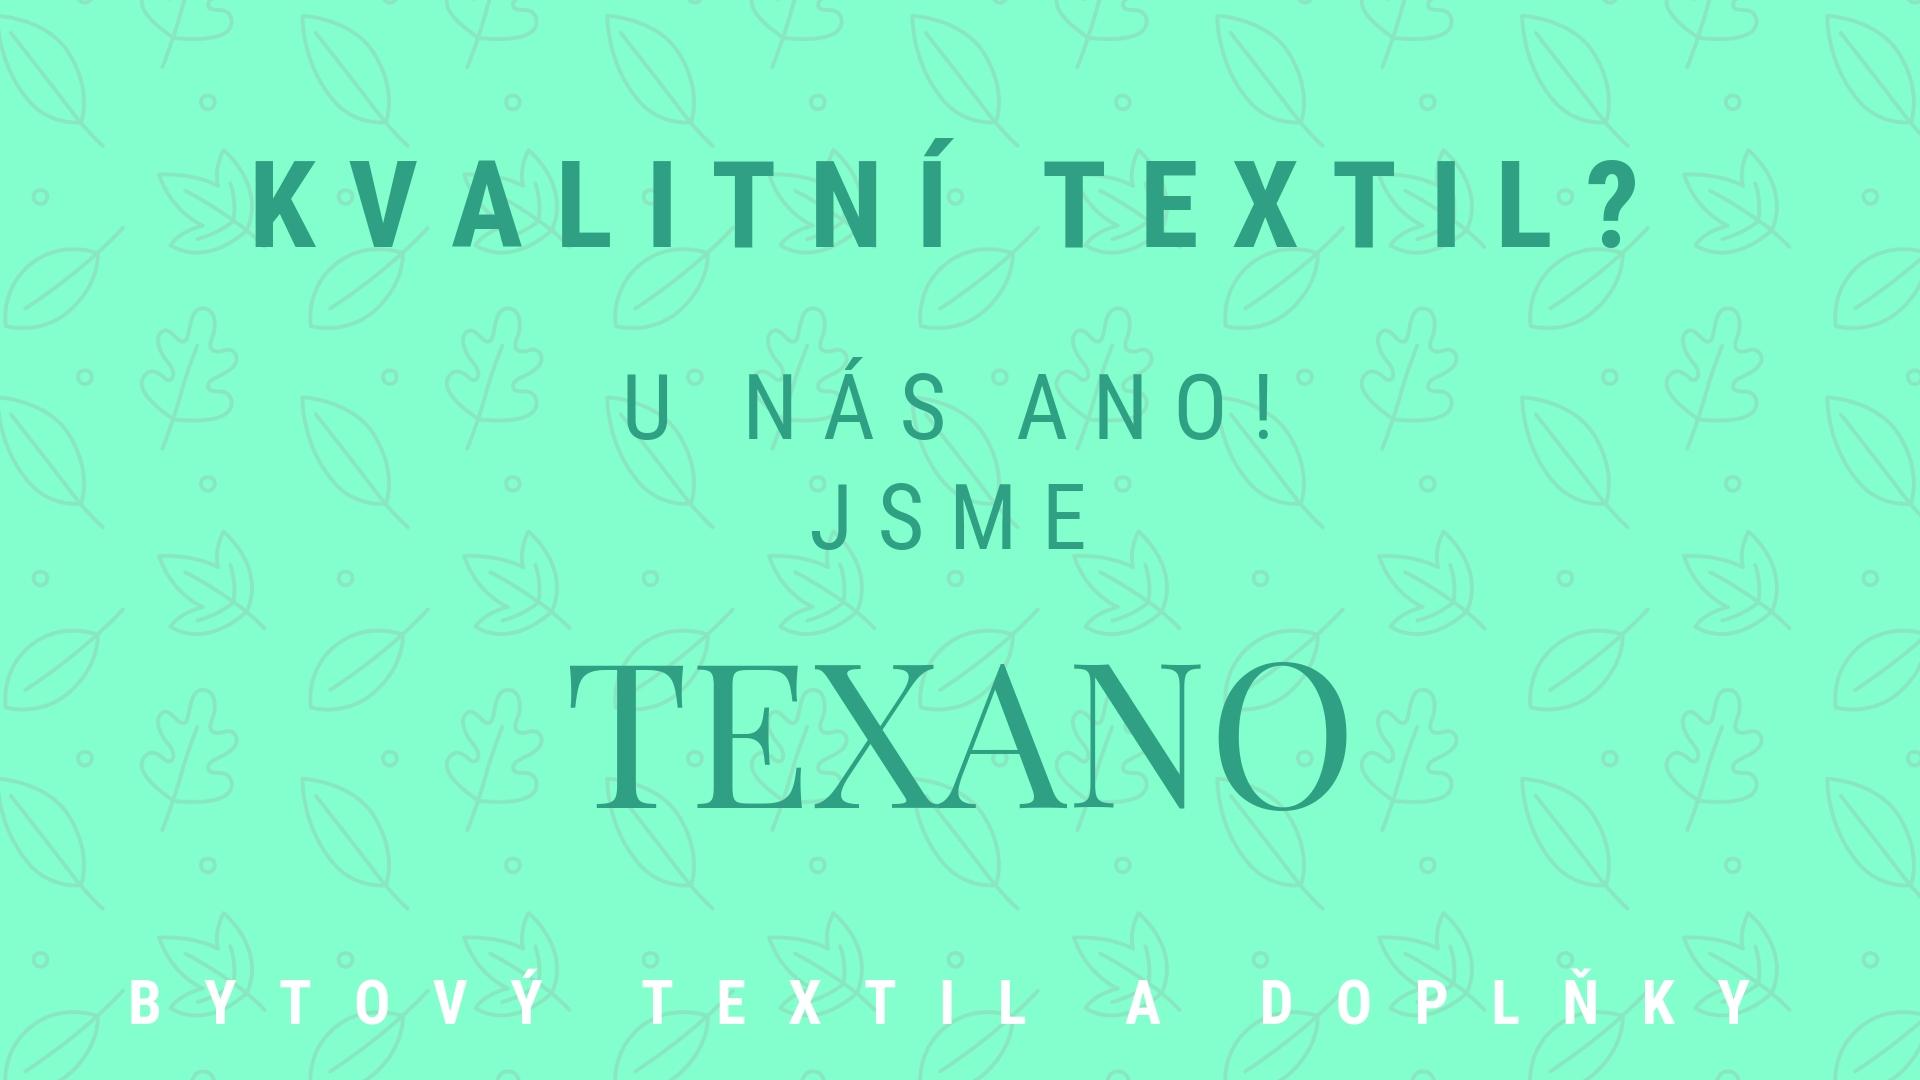 Kvalitní textil